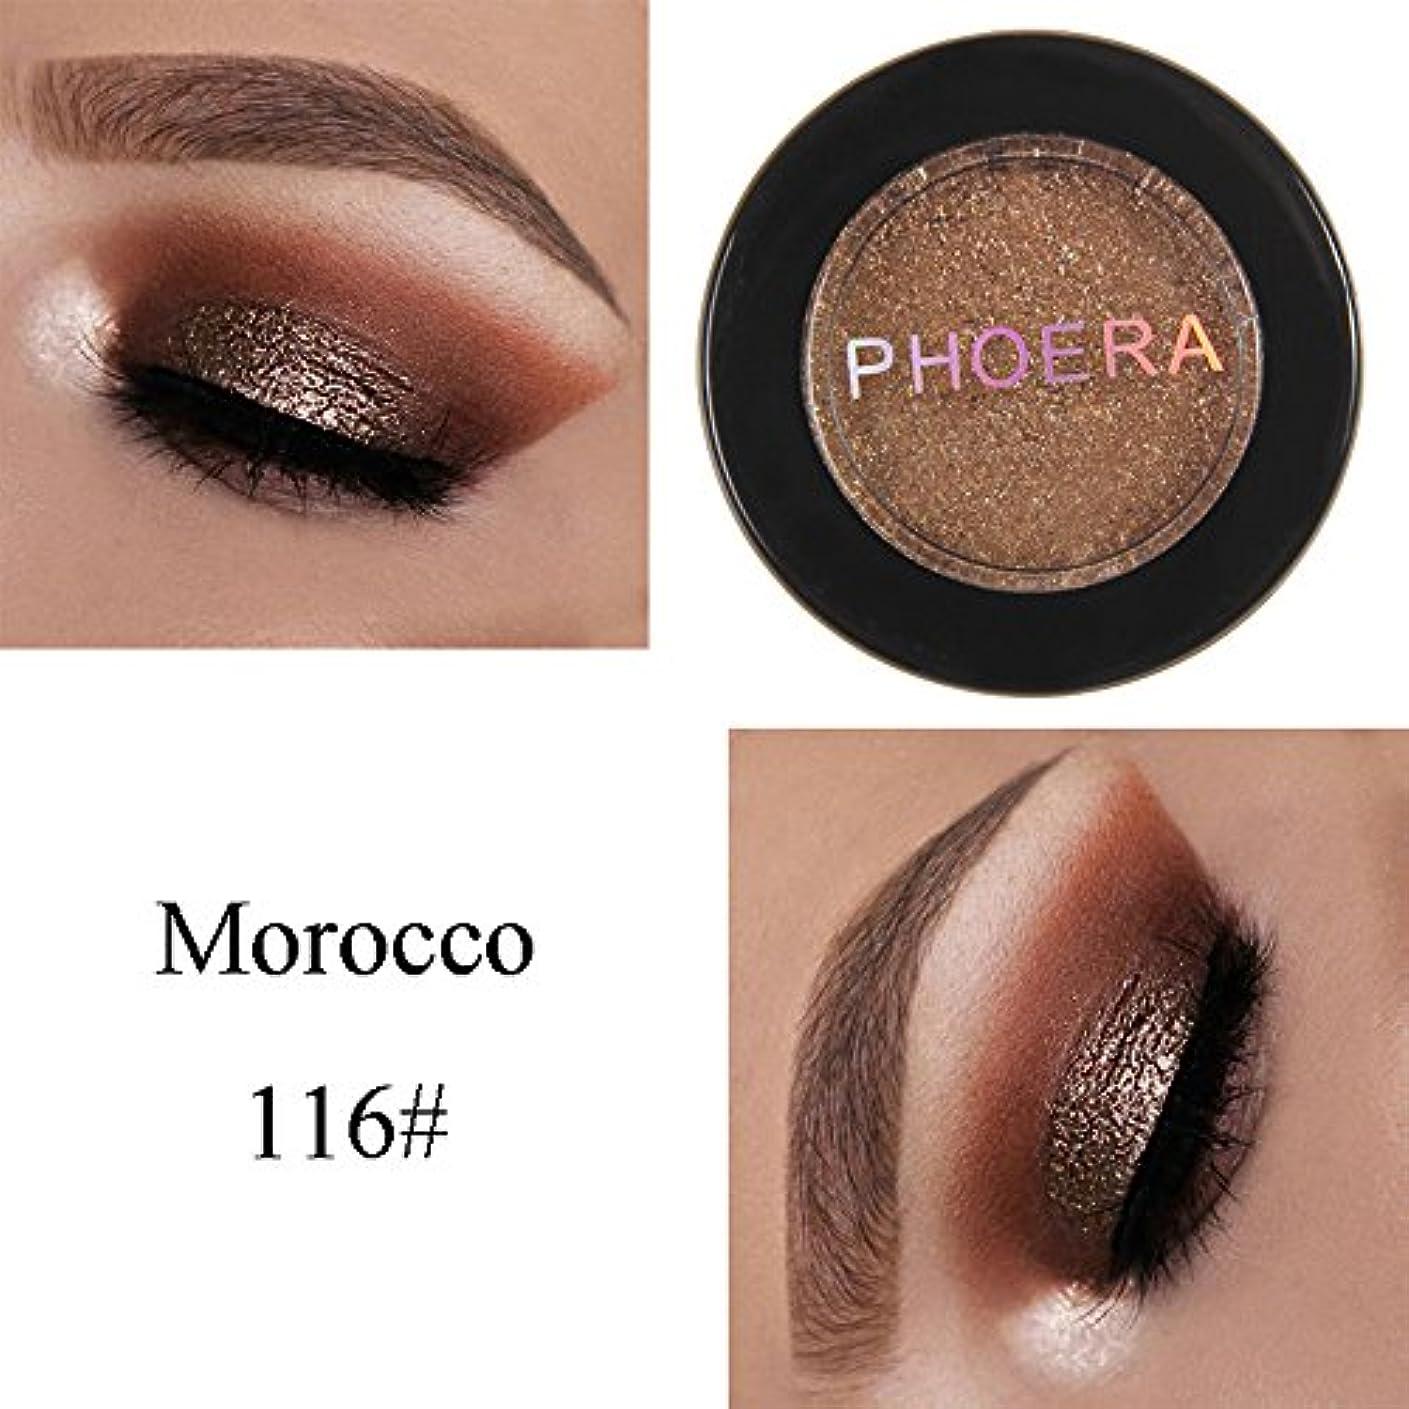 類推何故なのハンサムAkane アイシャドウパレット PHOERA ファッション 高級 美しい ひとつだけ 単なる 魅力的 キラキラ メタリック 綺麗 素敵 持ち便利 日常 Eye Shadow (24色)